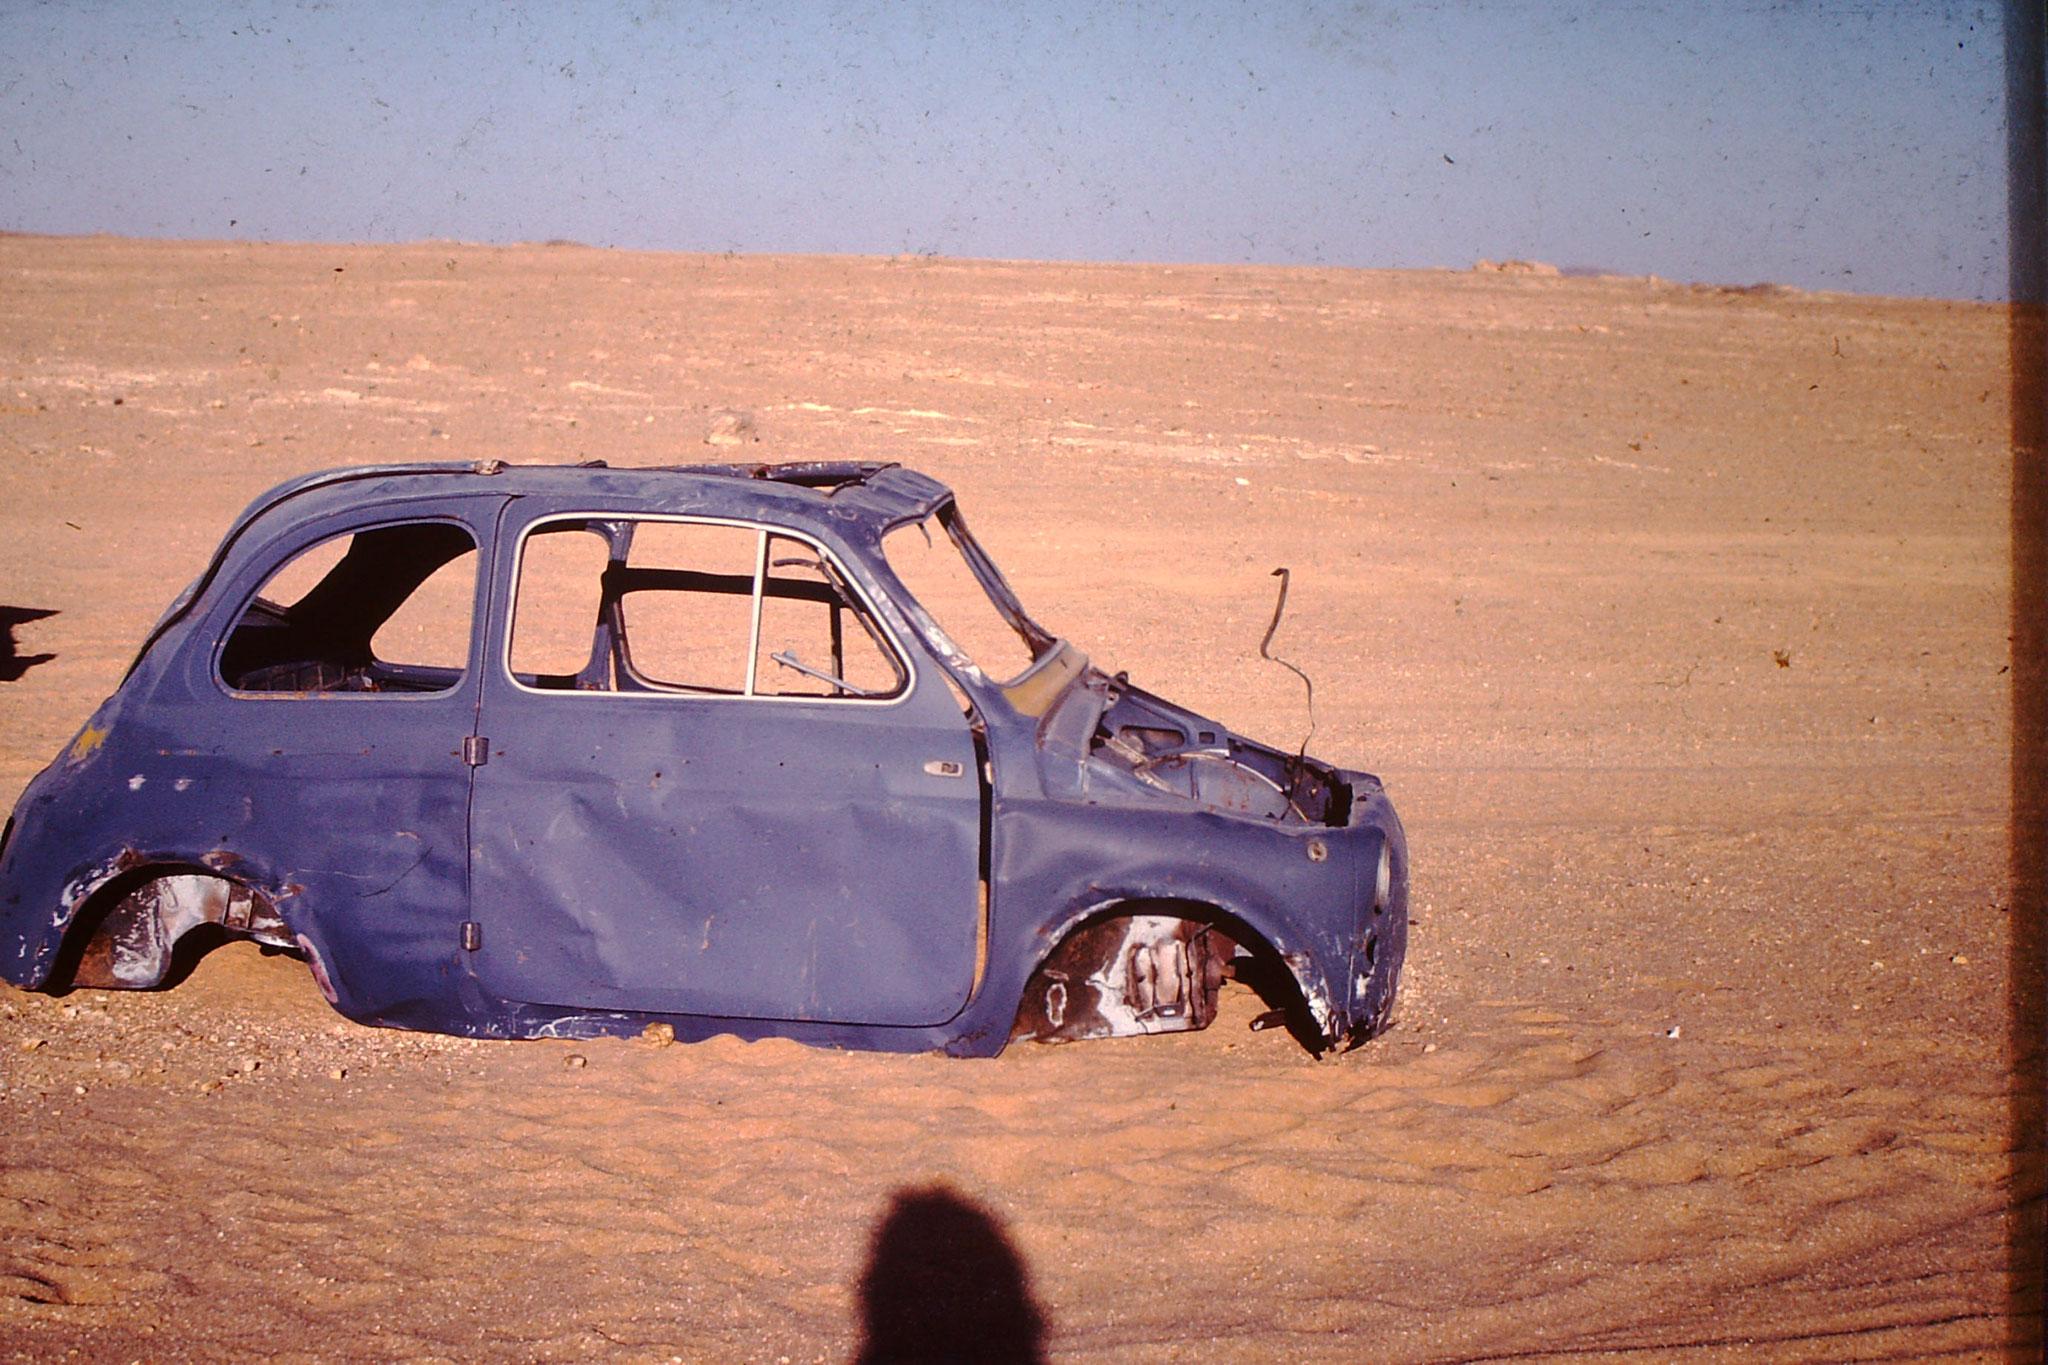 Dieser ausgeschlachtete Fiat 500 hat es nicht geschafft bis zur Grenzstadt Ain Guezzam. Ich habe mich insgesammt 3 mal  darauf verewigt. Beim 4. Mal fand ich in nicht mehr. Ob er einfach nur durch  Sandstürme zugedeckt war, oder er dem Strassenbau im